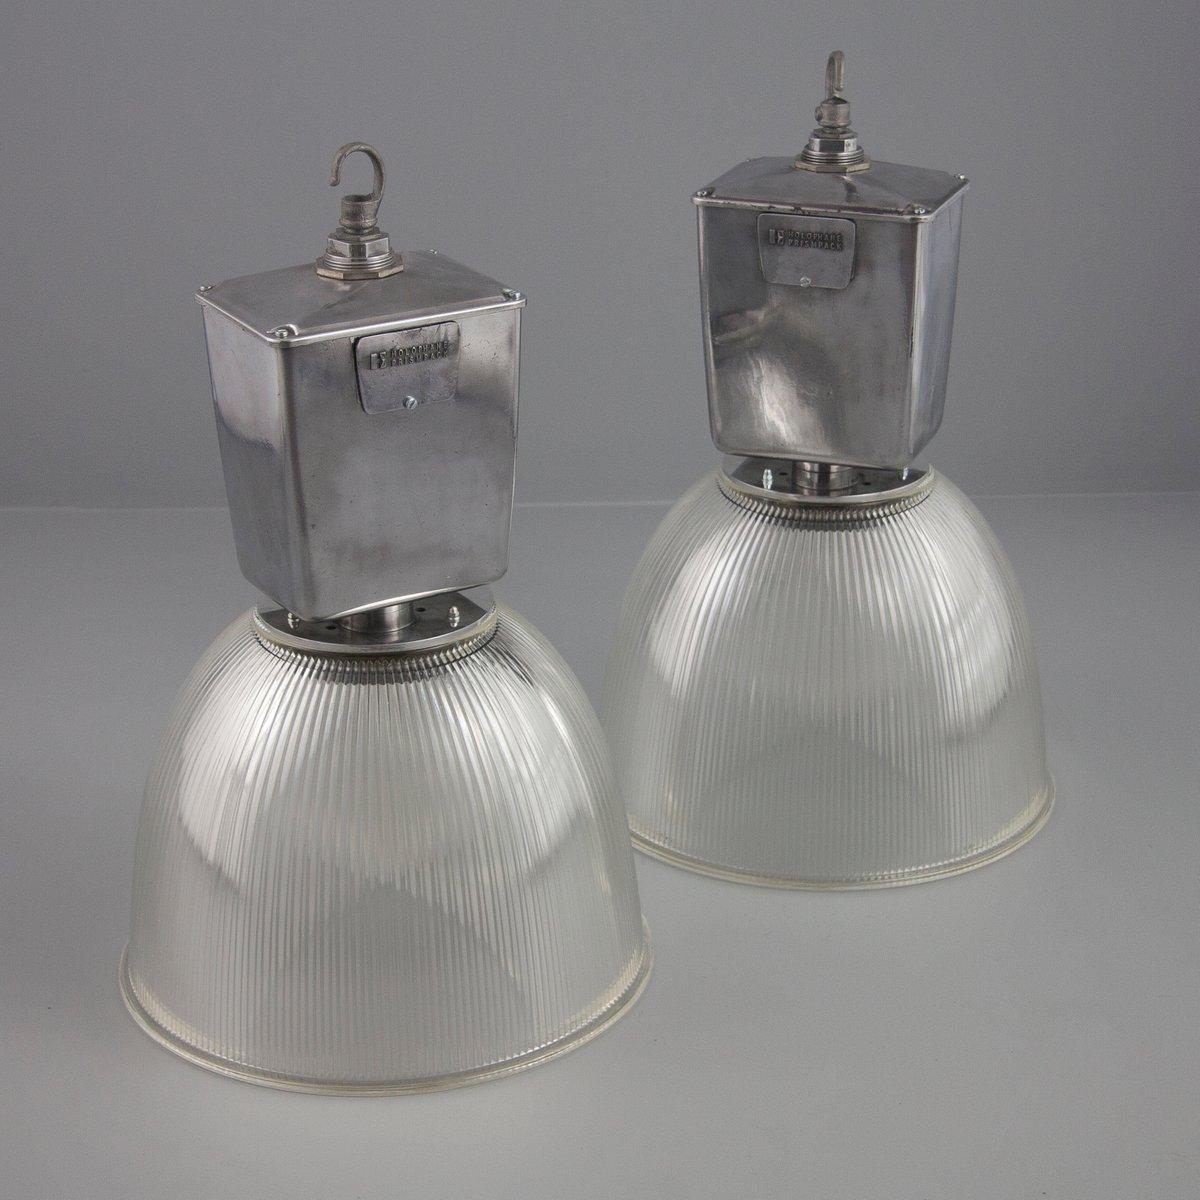 Lampe suspension vintage industrielle par holophane en vente sur pamono - Lampe vintage industrielle ...